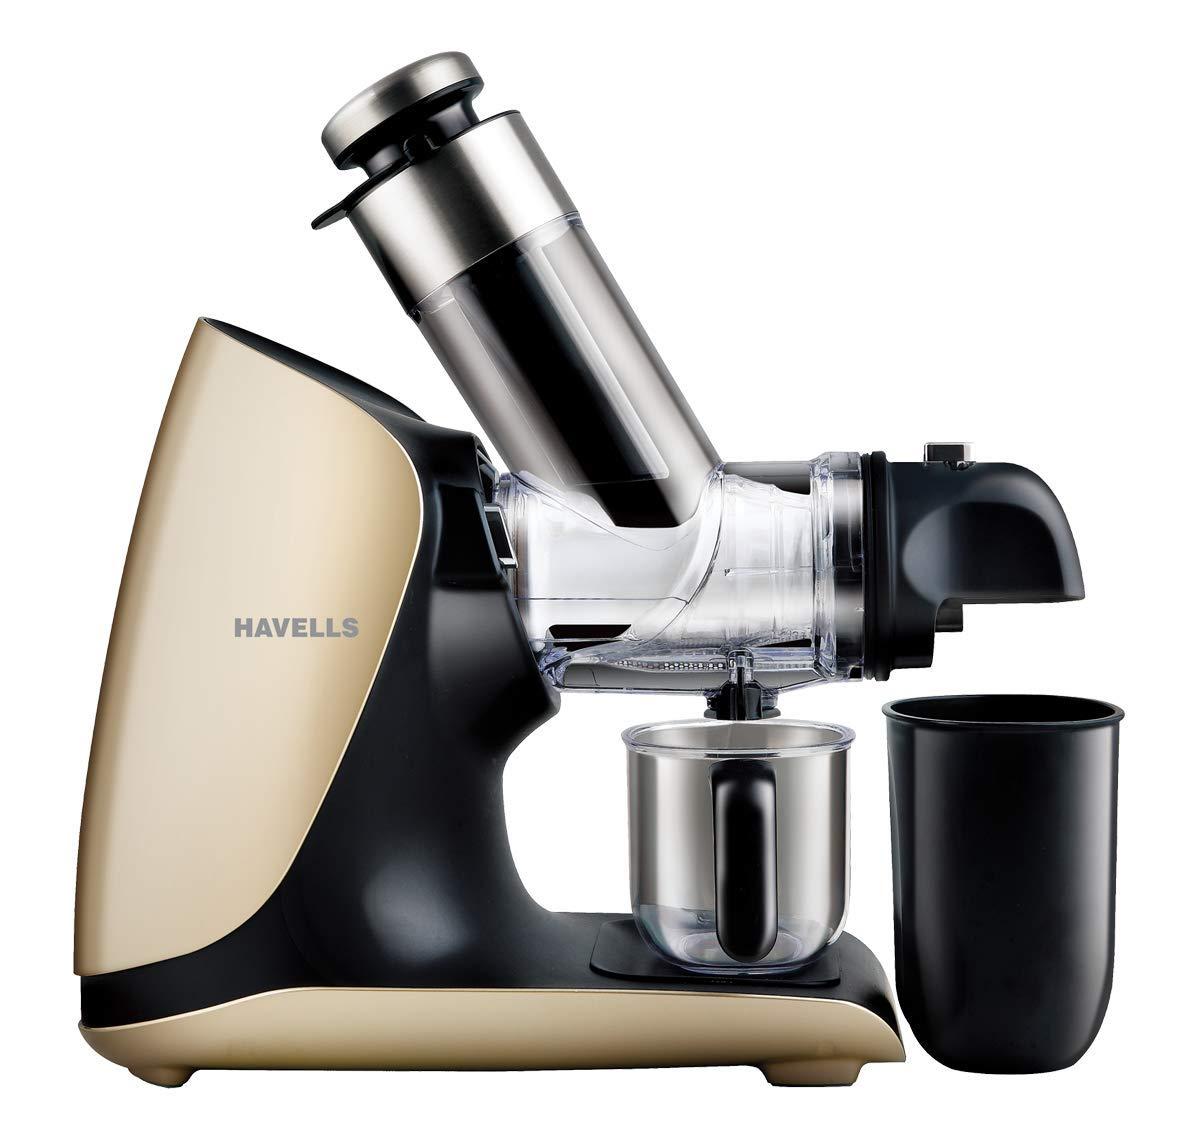 Havells Nutri Art Slow Juicer (Cold Press Juicer)